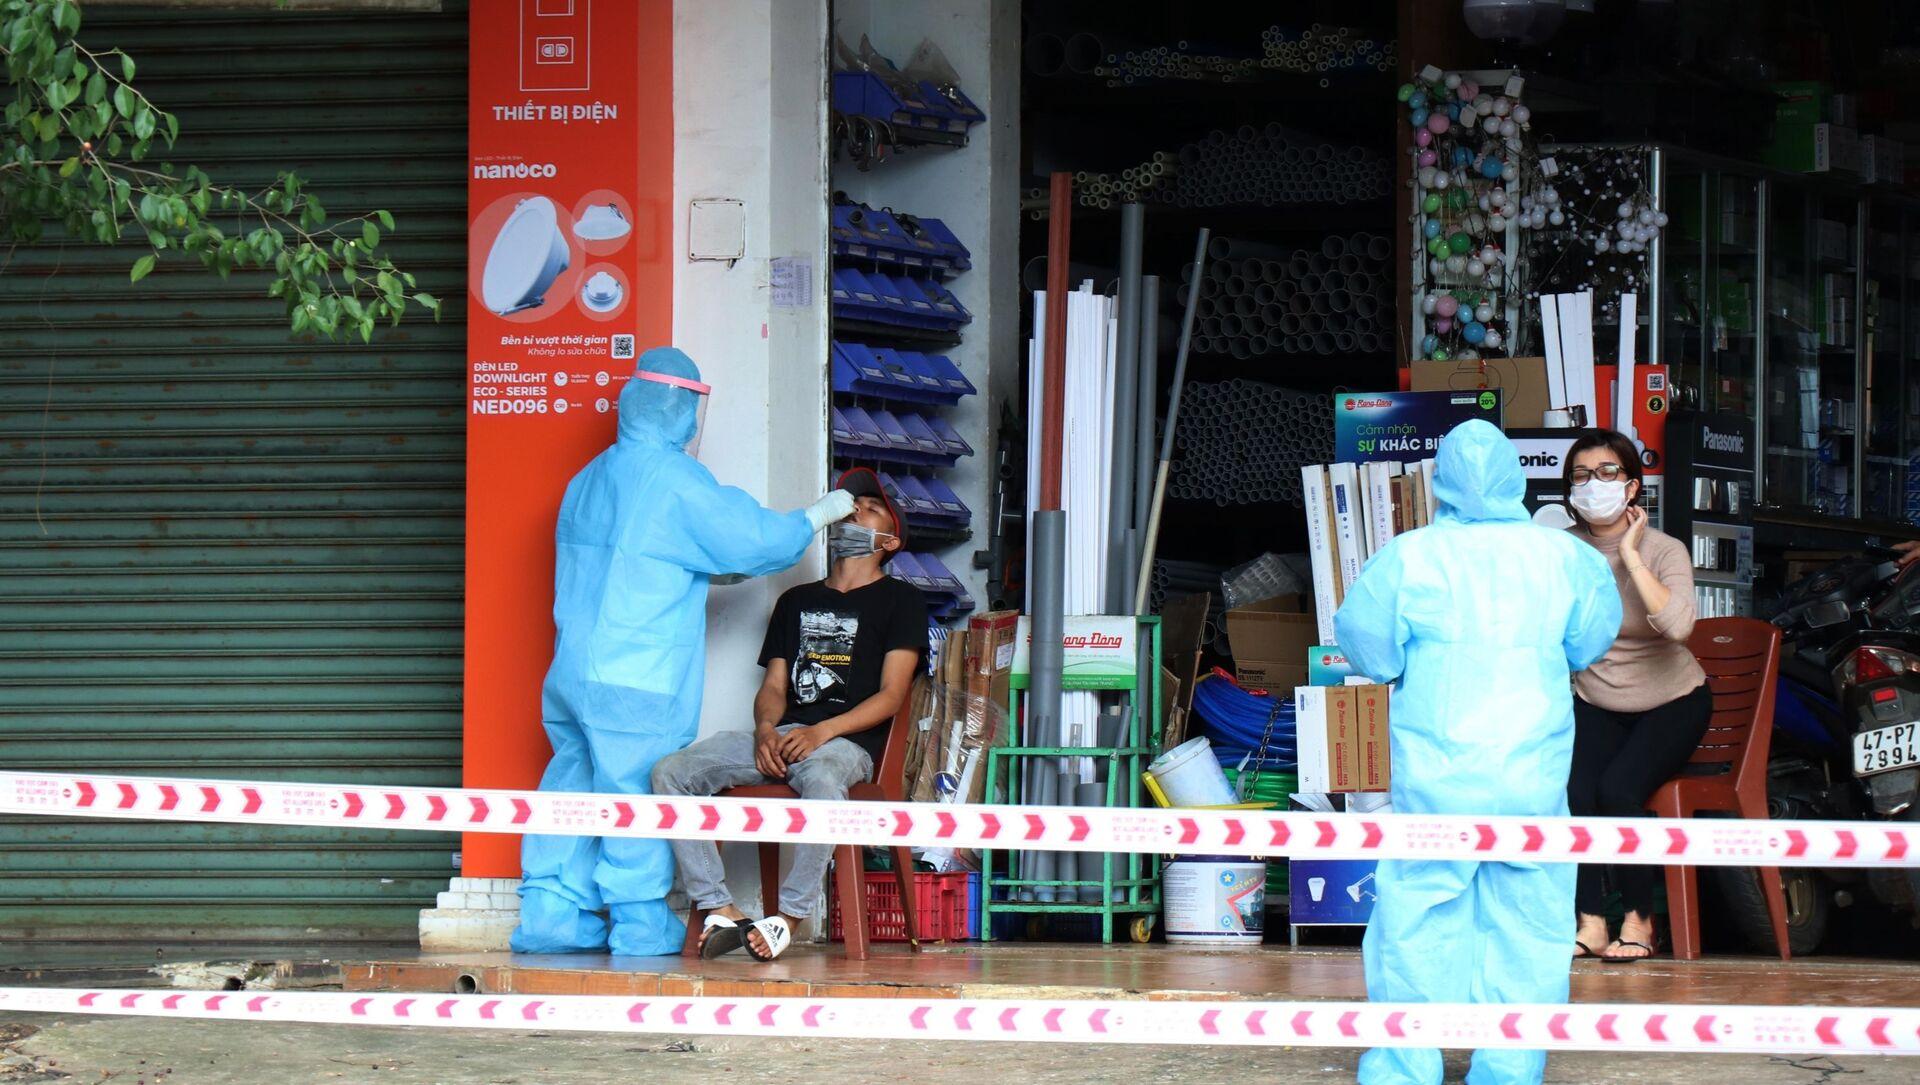 Lấy mẫu xét nghiệm cho người dân tại khu phong tỏa do bệnh nhân mắc COVID-19 tại phường Tân Thành, thành phố Buôn Ma Thuột.  - Sputnik Việt Nam, 1920, 23.07.2021